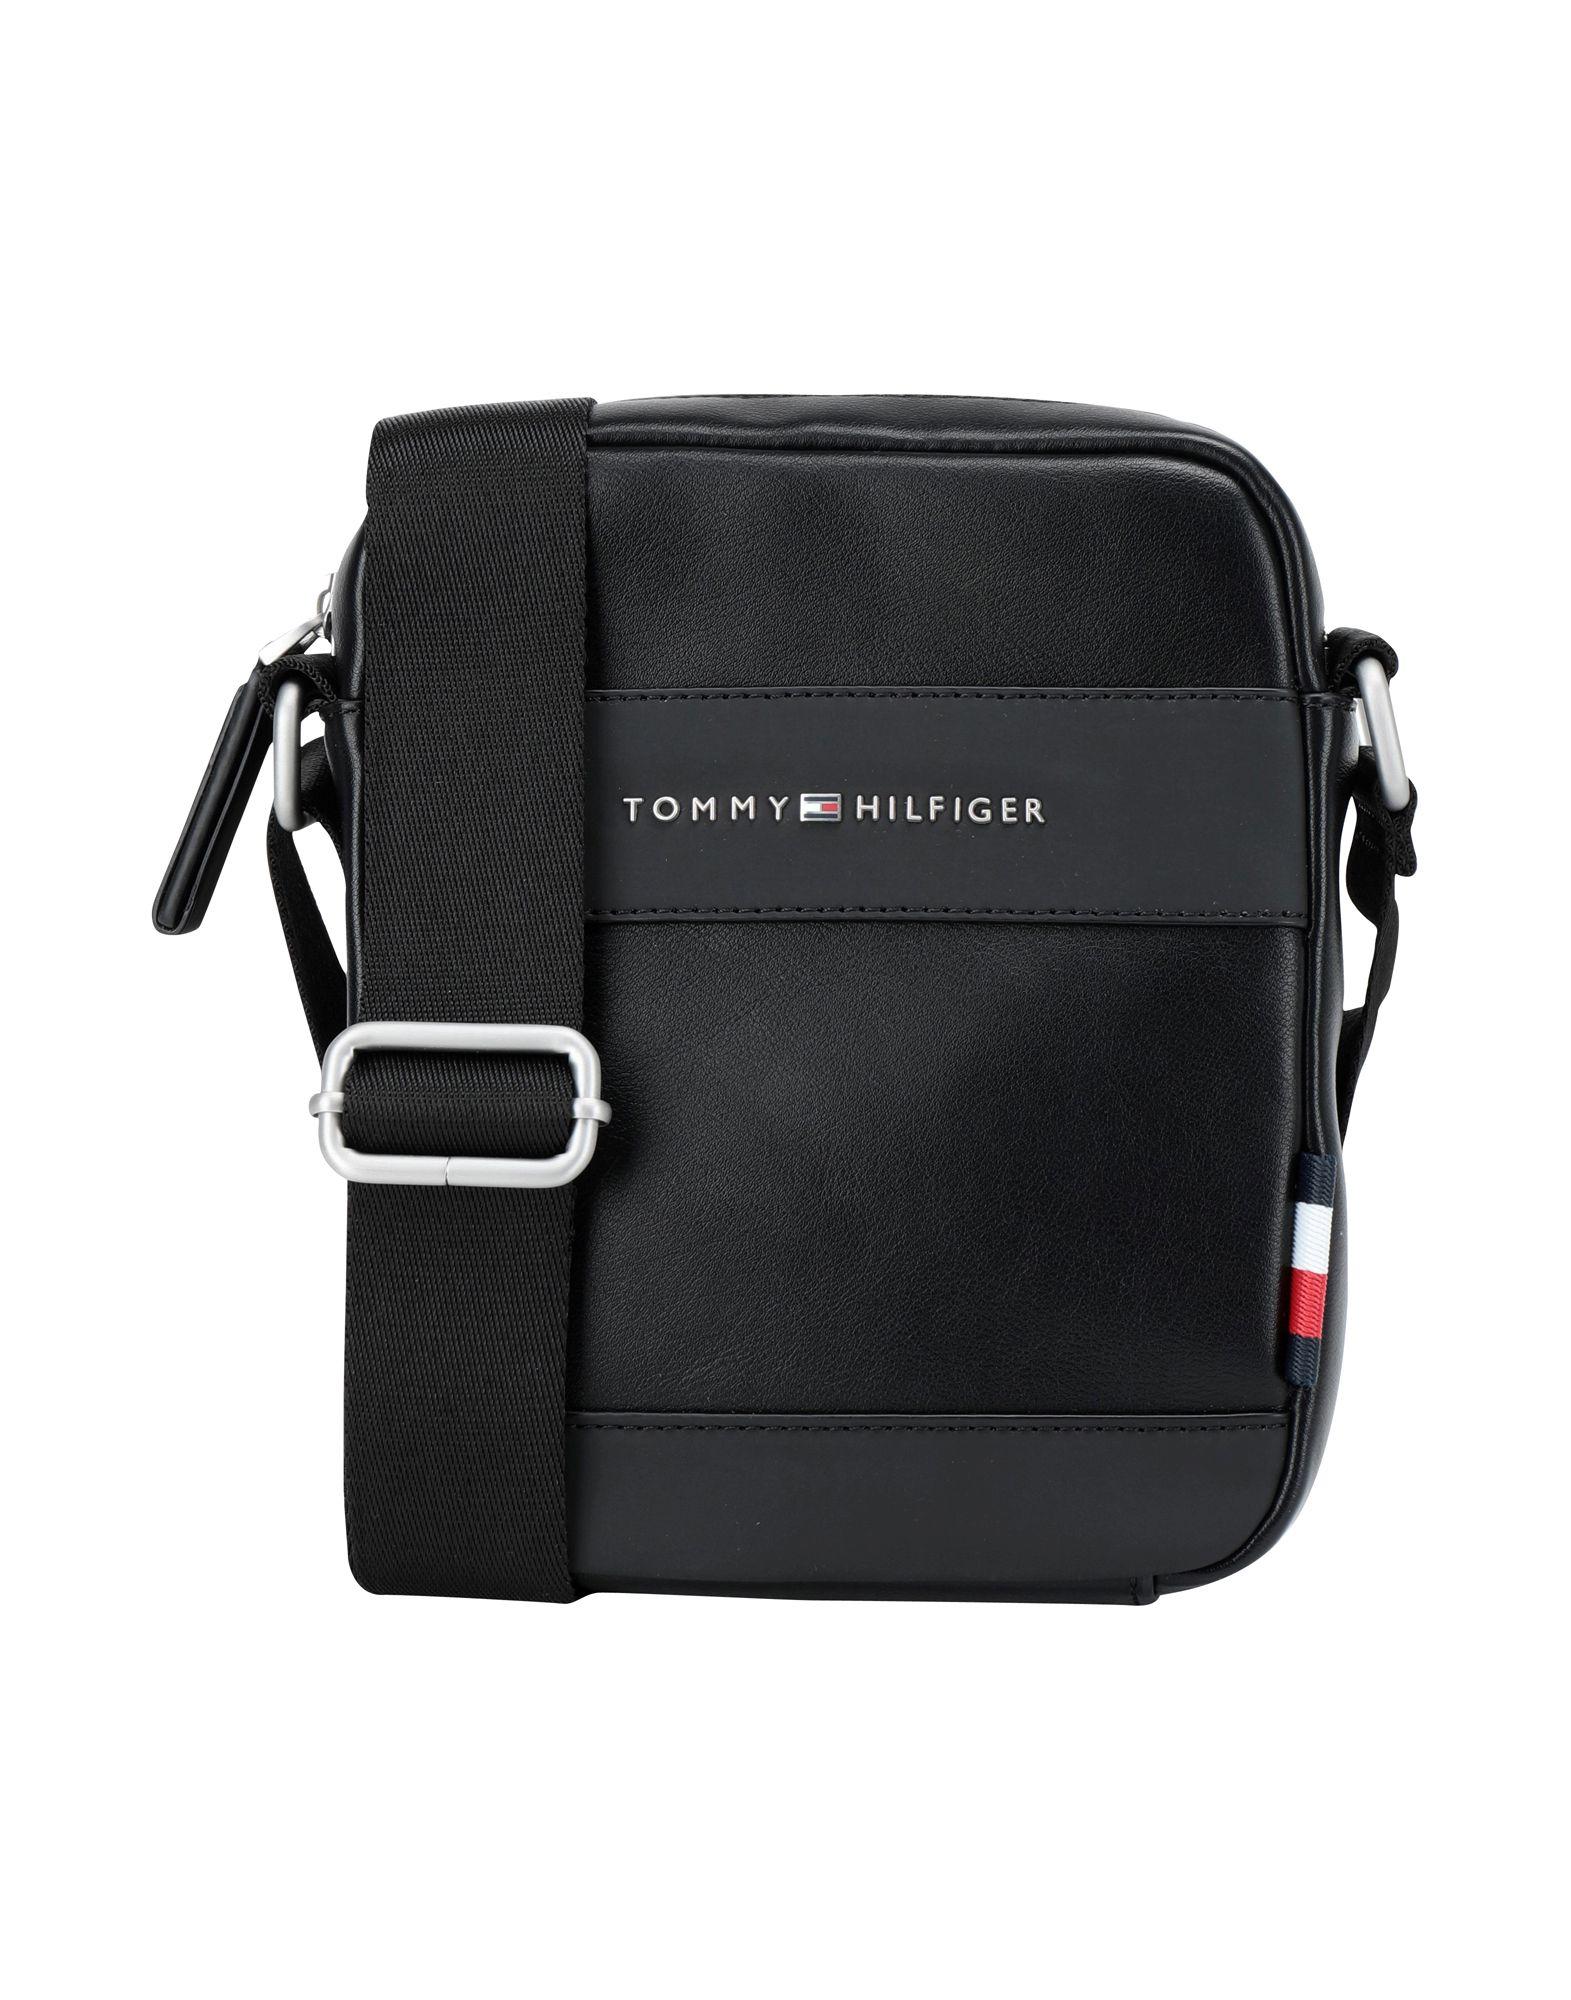 TOMMY HILFIGER Сумка через плечо сумка tommy hilfiger am0am00806 002 black